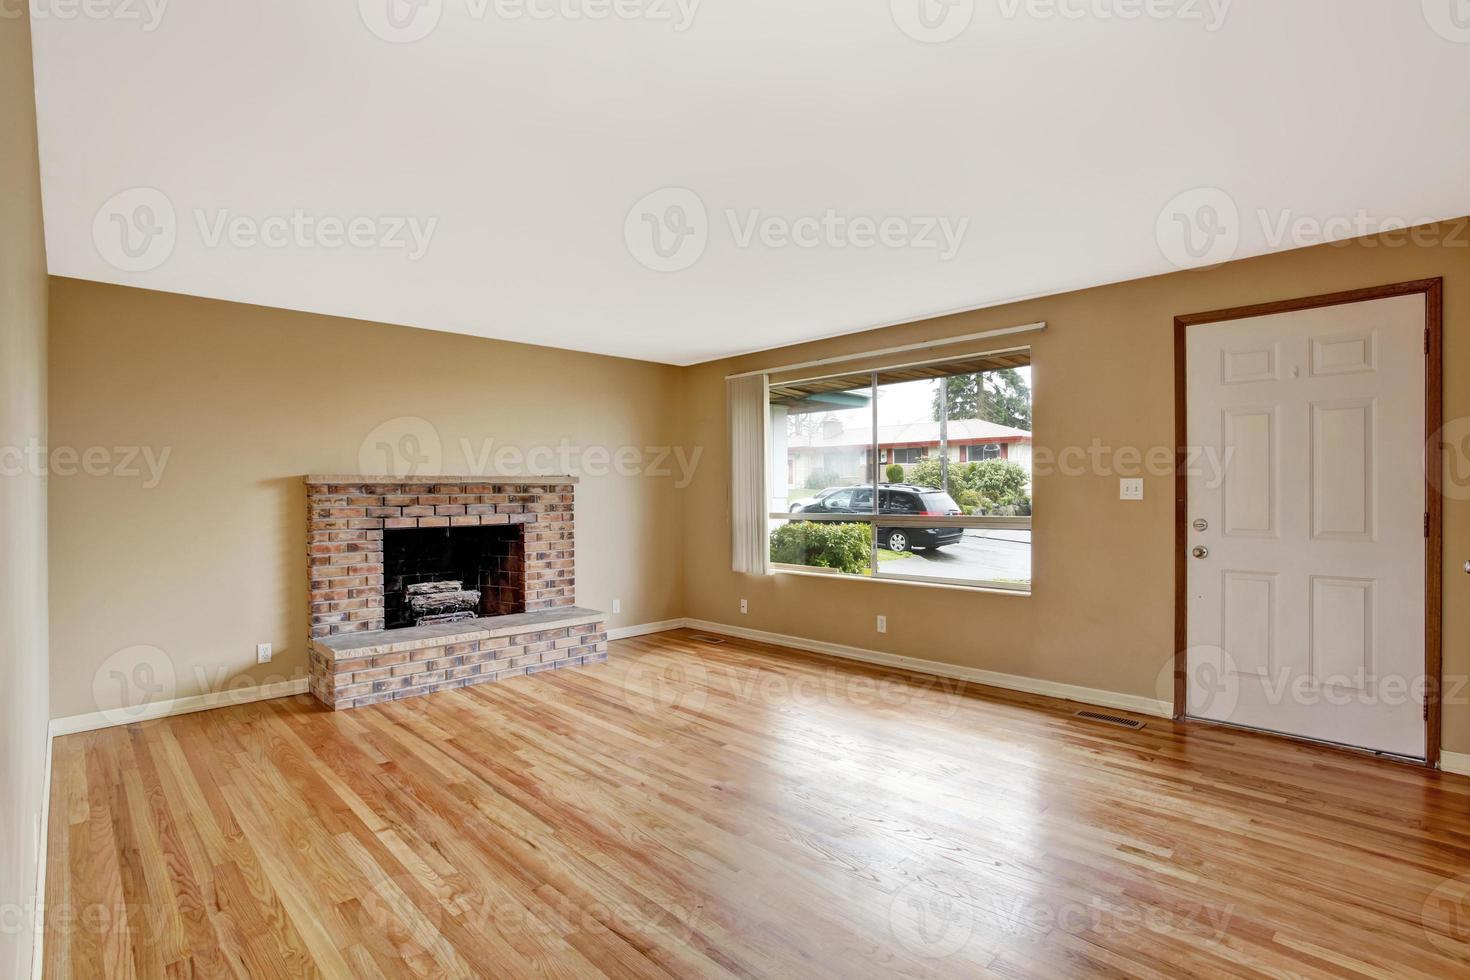 leeres Haus Interieur. Wohnzimmer mit Kamin foto